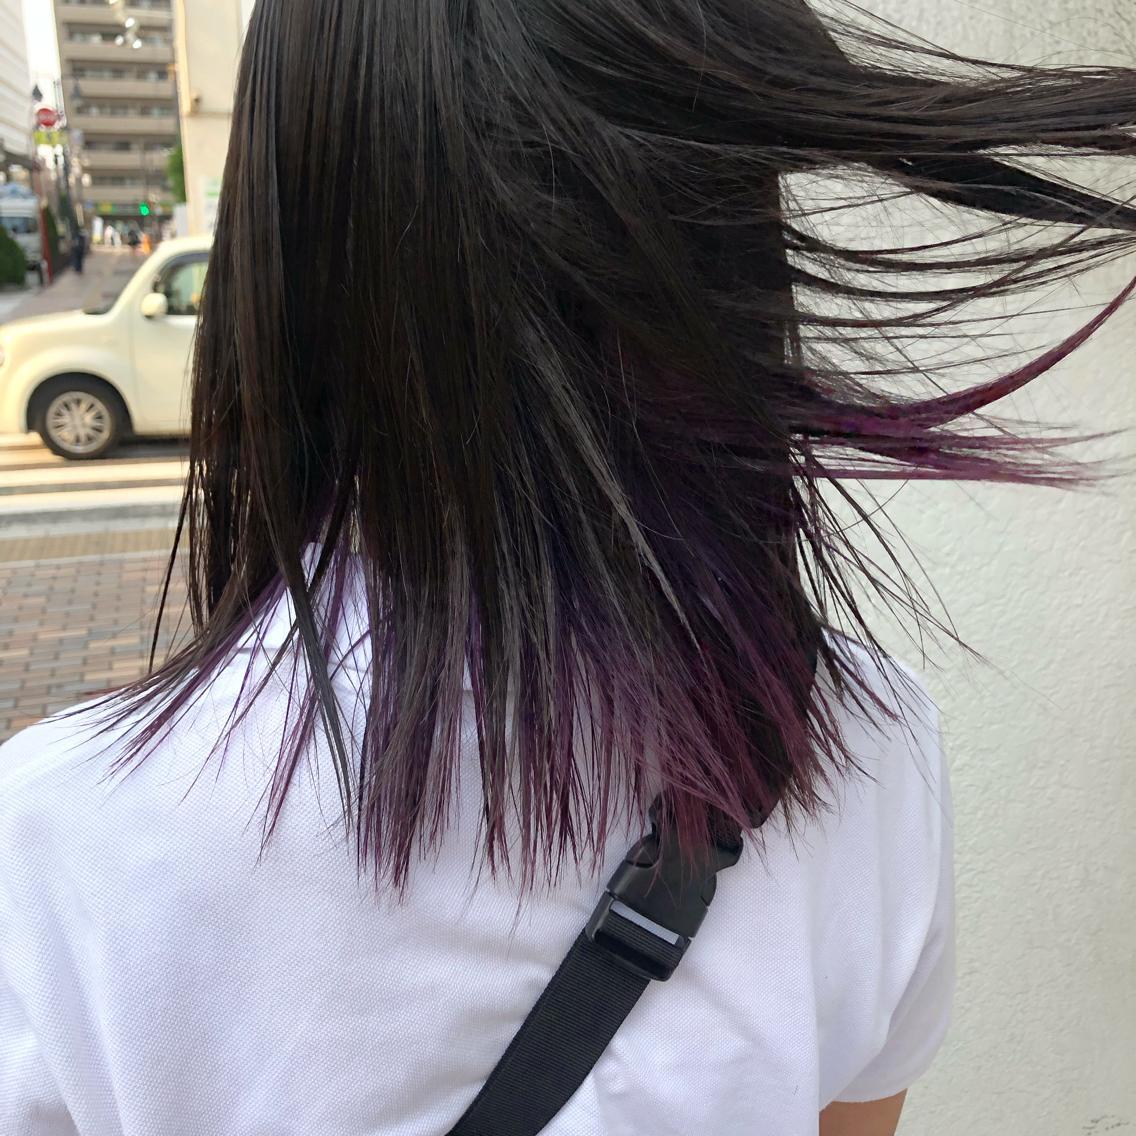 #ミディアム #カラー #ヘアアレンジ ナチュラルにバレにくい紫color👾💜 派手にしたいけどそこまで派手は嫌! そんなワガママ叶えます✨